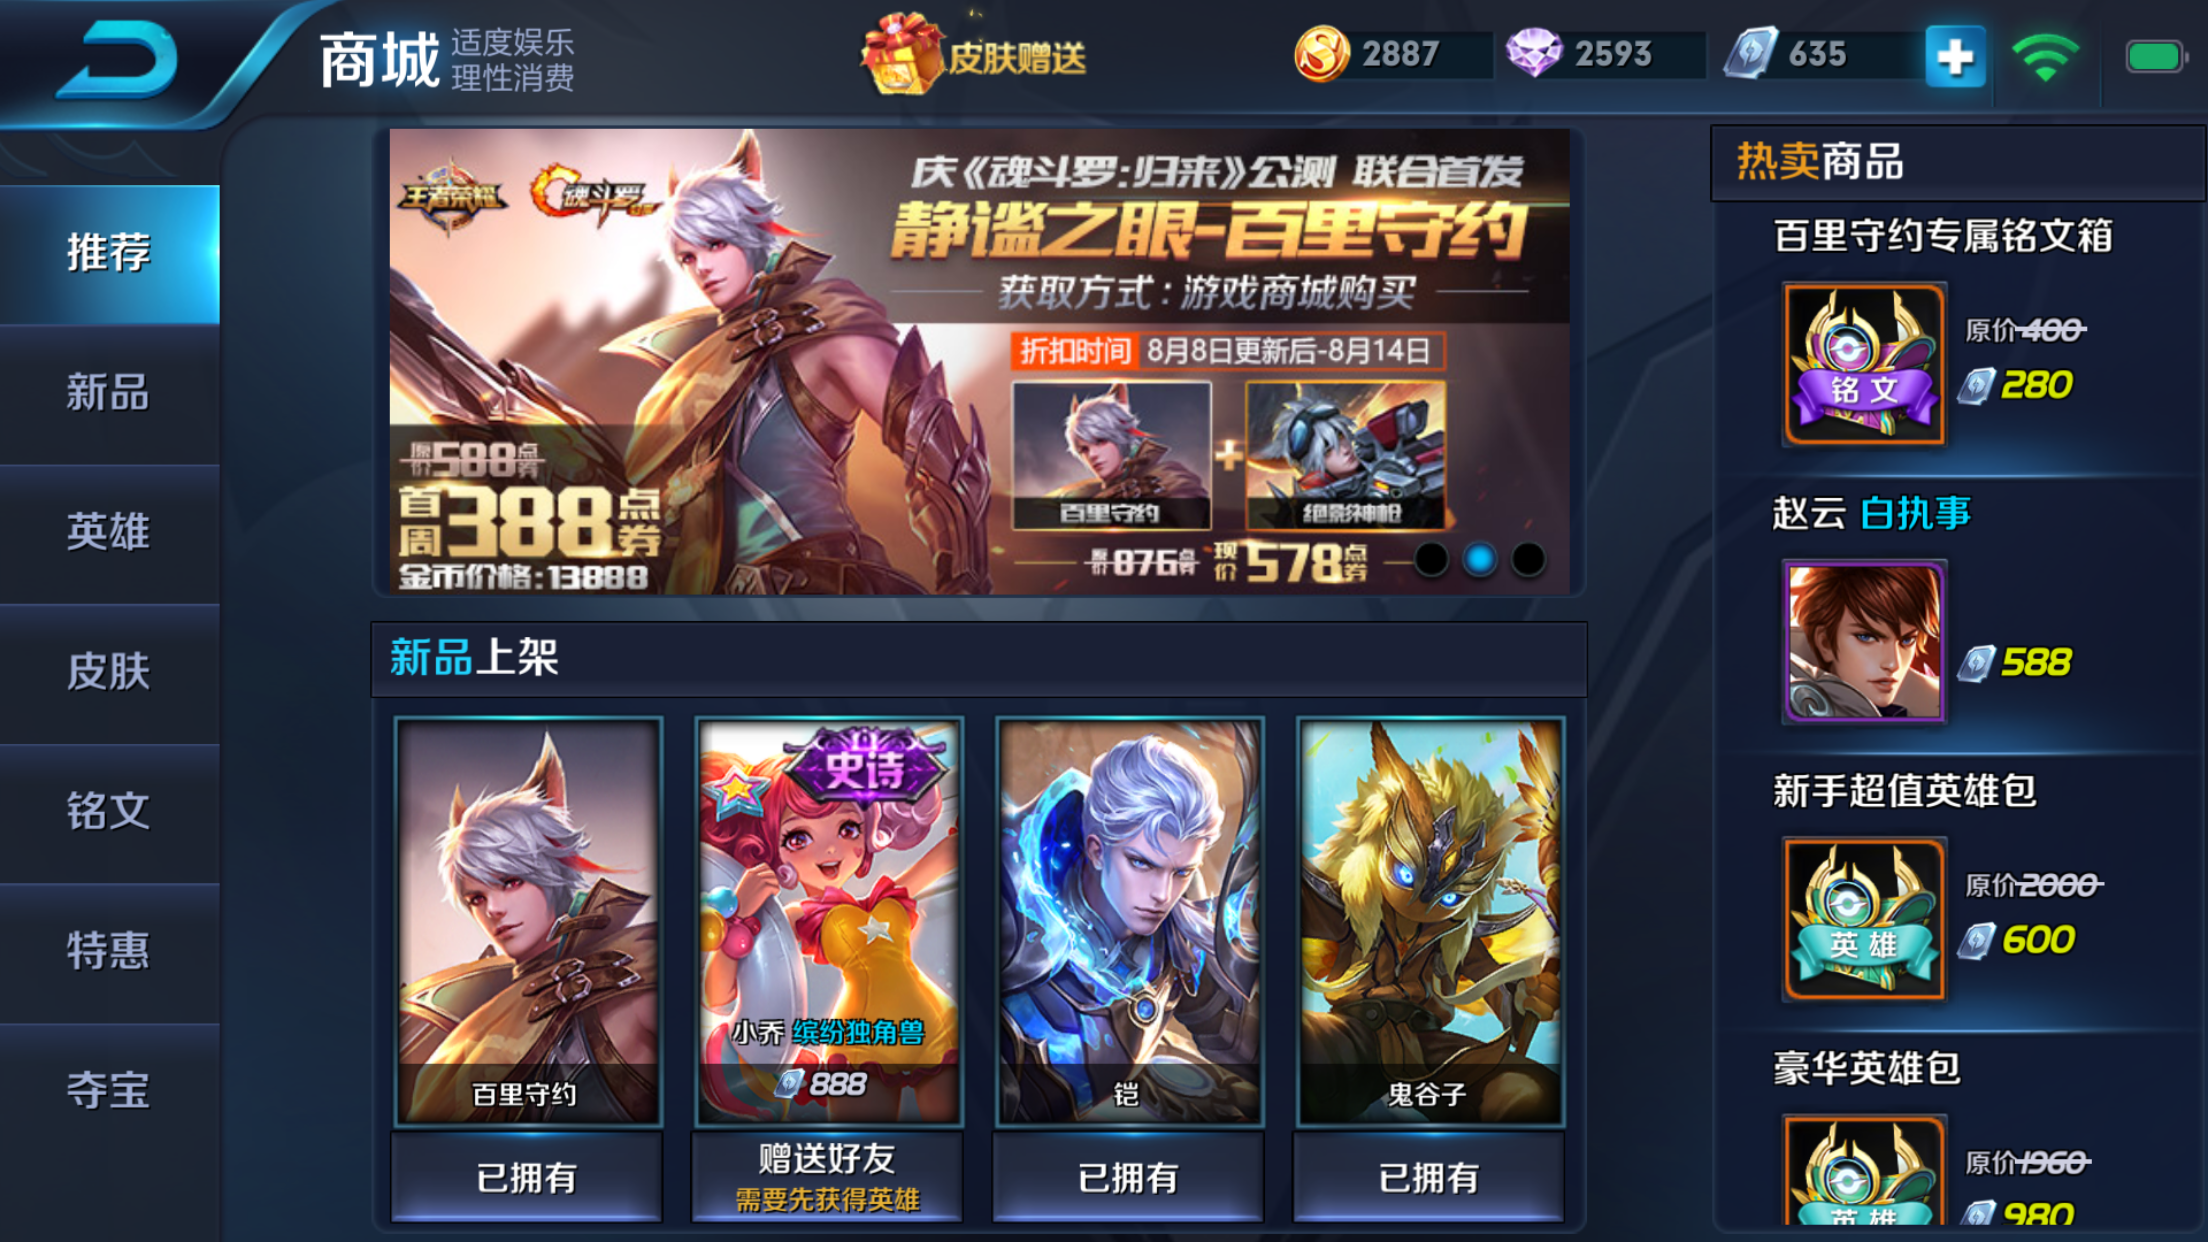 《王者荣耀》女玩家过亿:54%用户是萌妹子